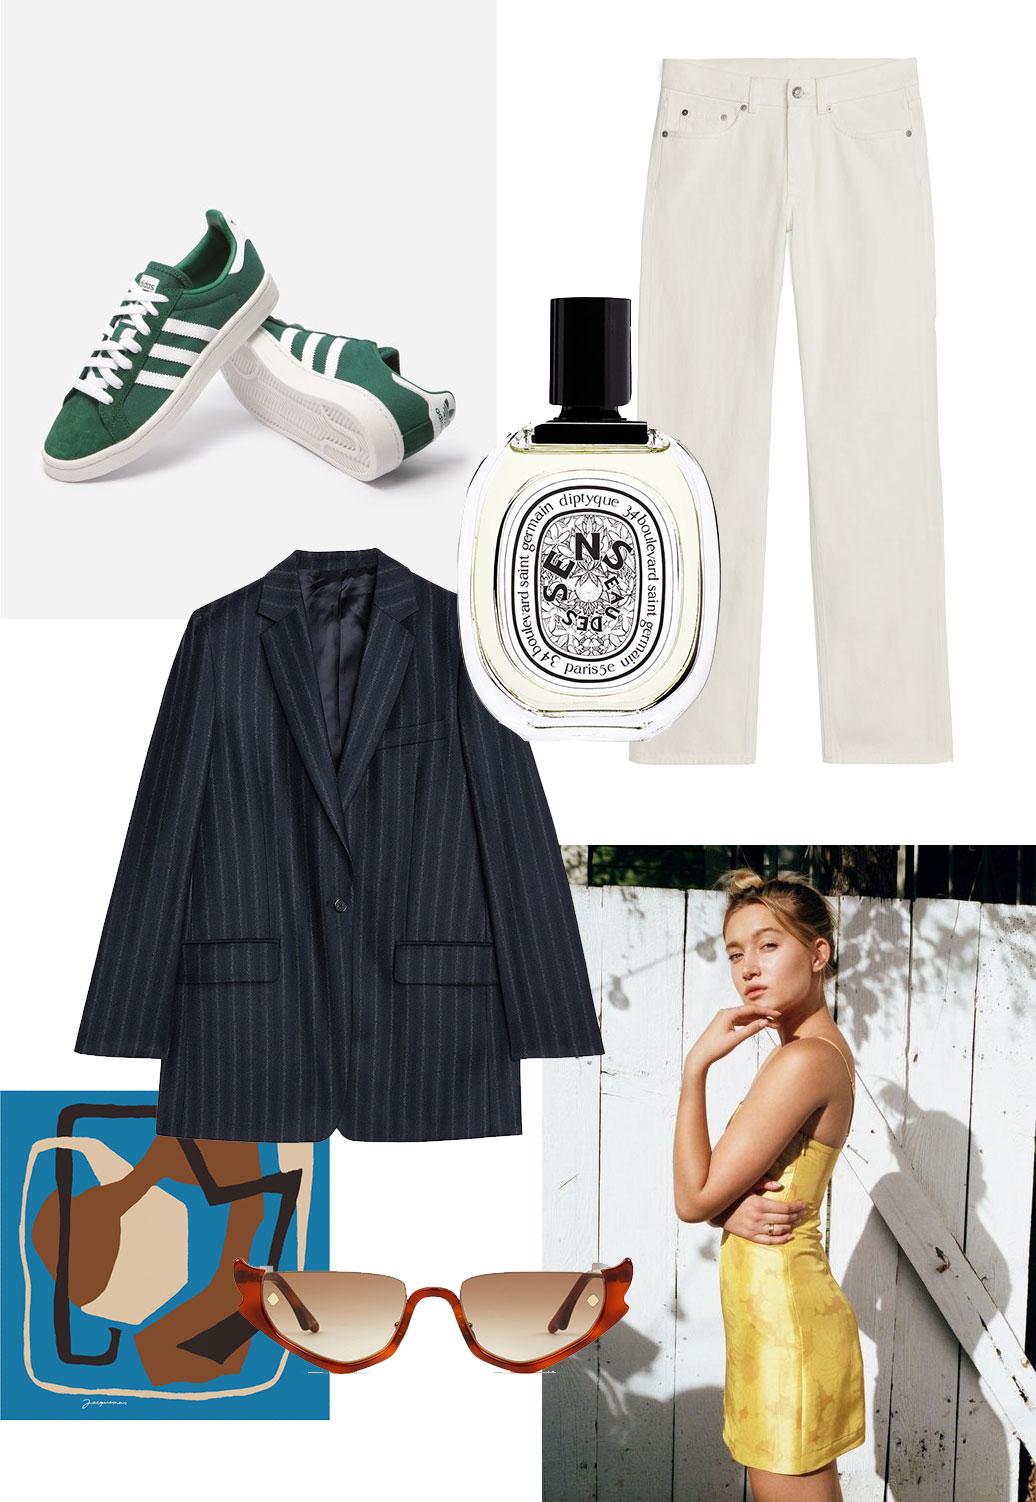 Kollasje med klær og sko